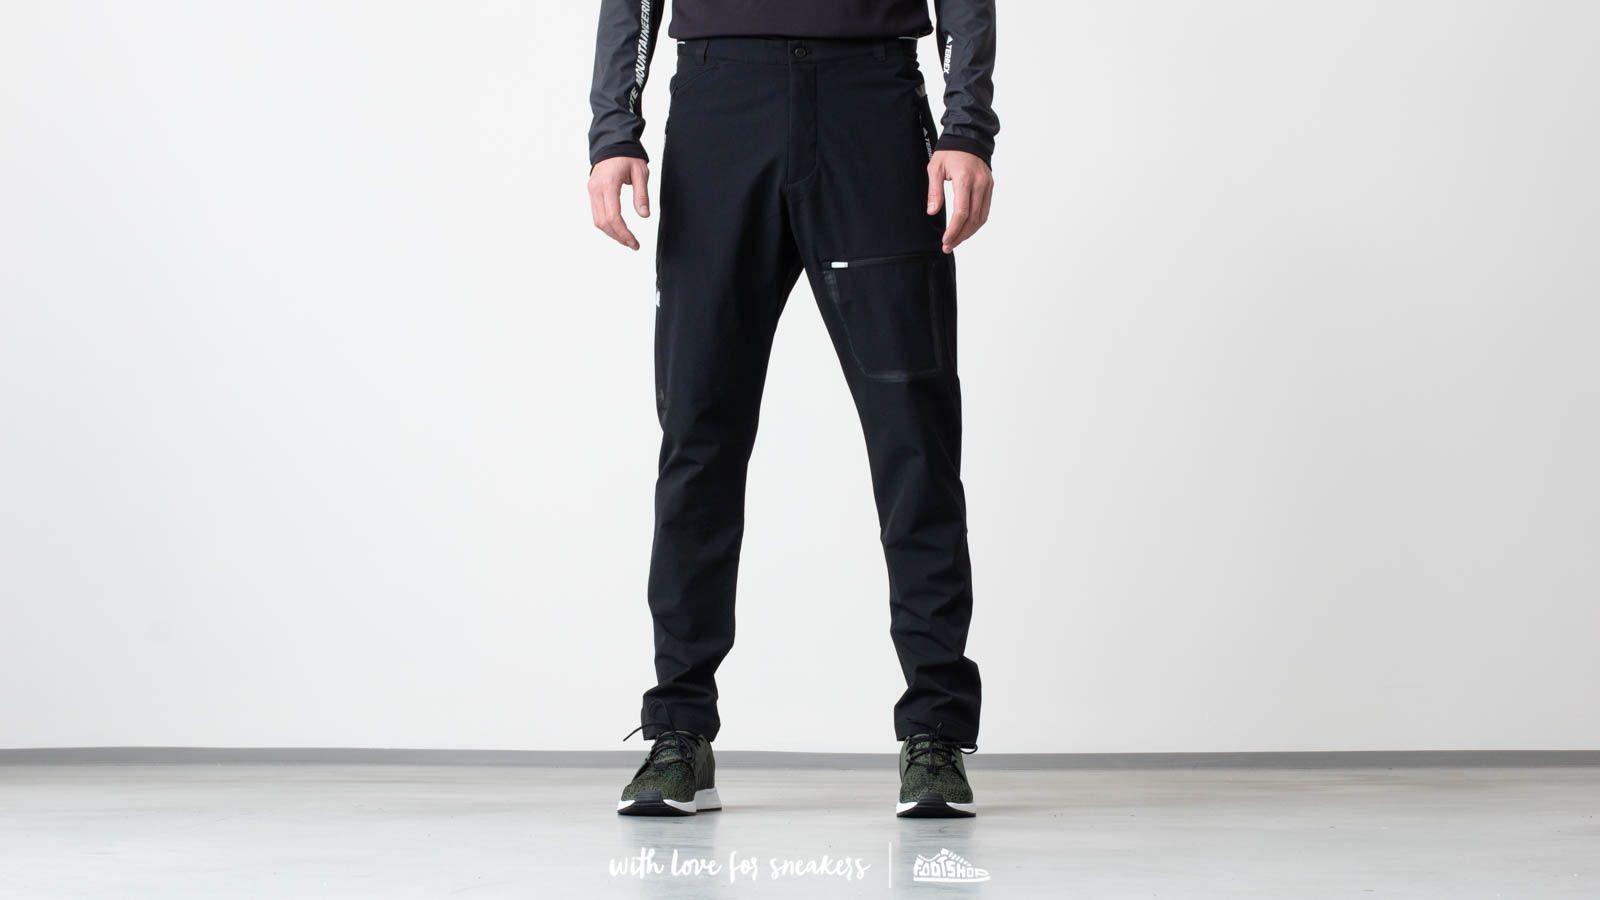 adidas Terrex x White Mountaineering Pants